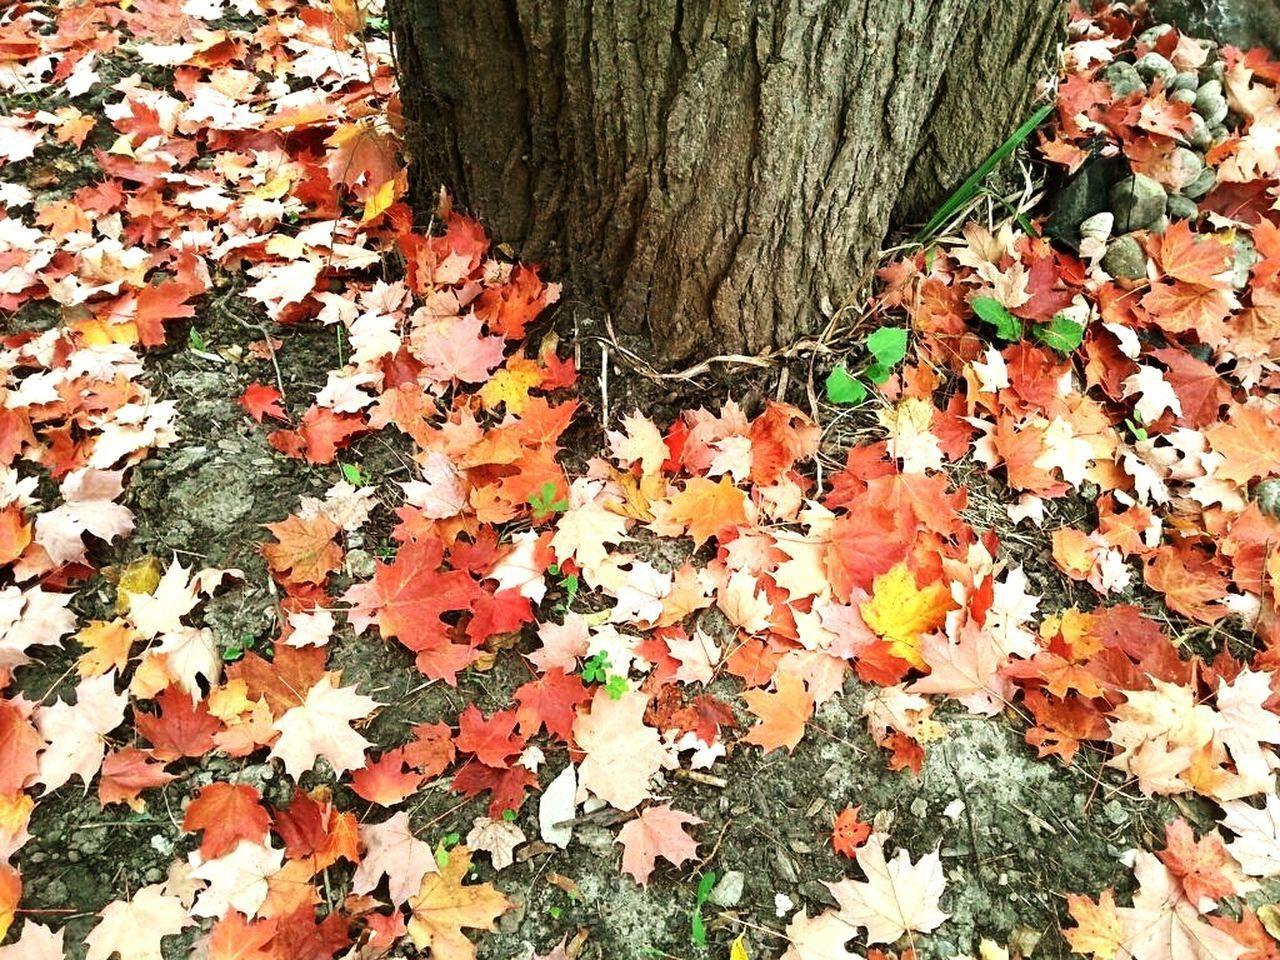 Leaf Leaves Maple Leaf Outdoors Maple